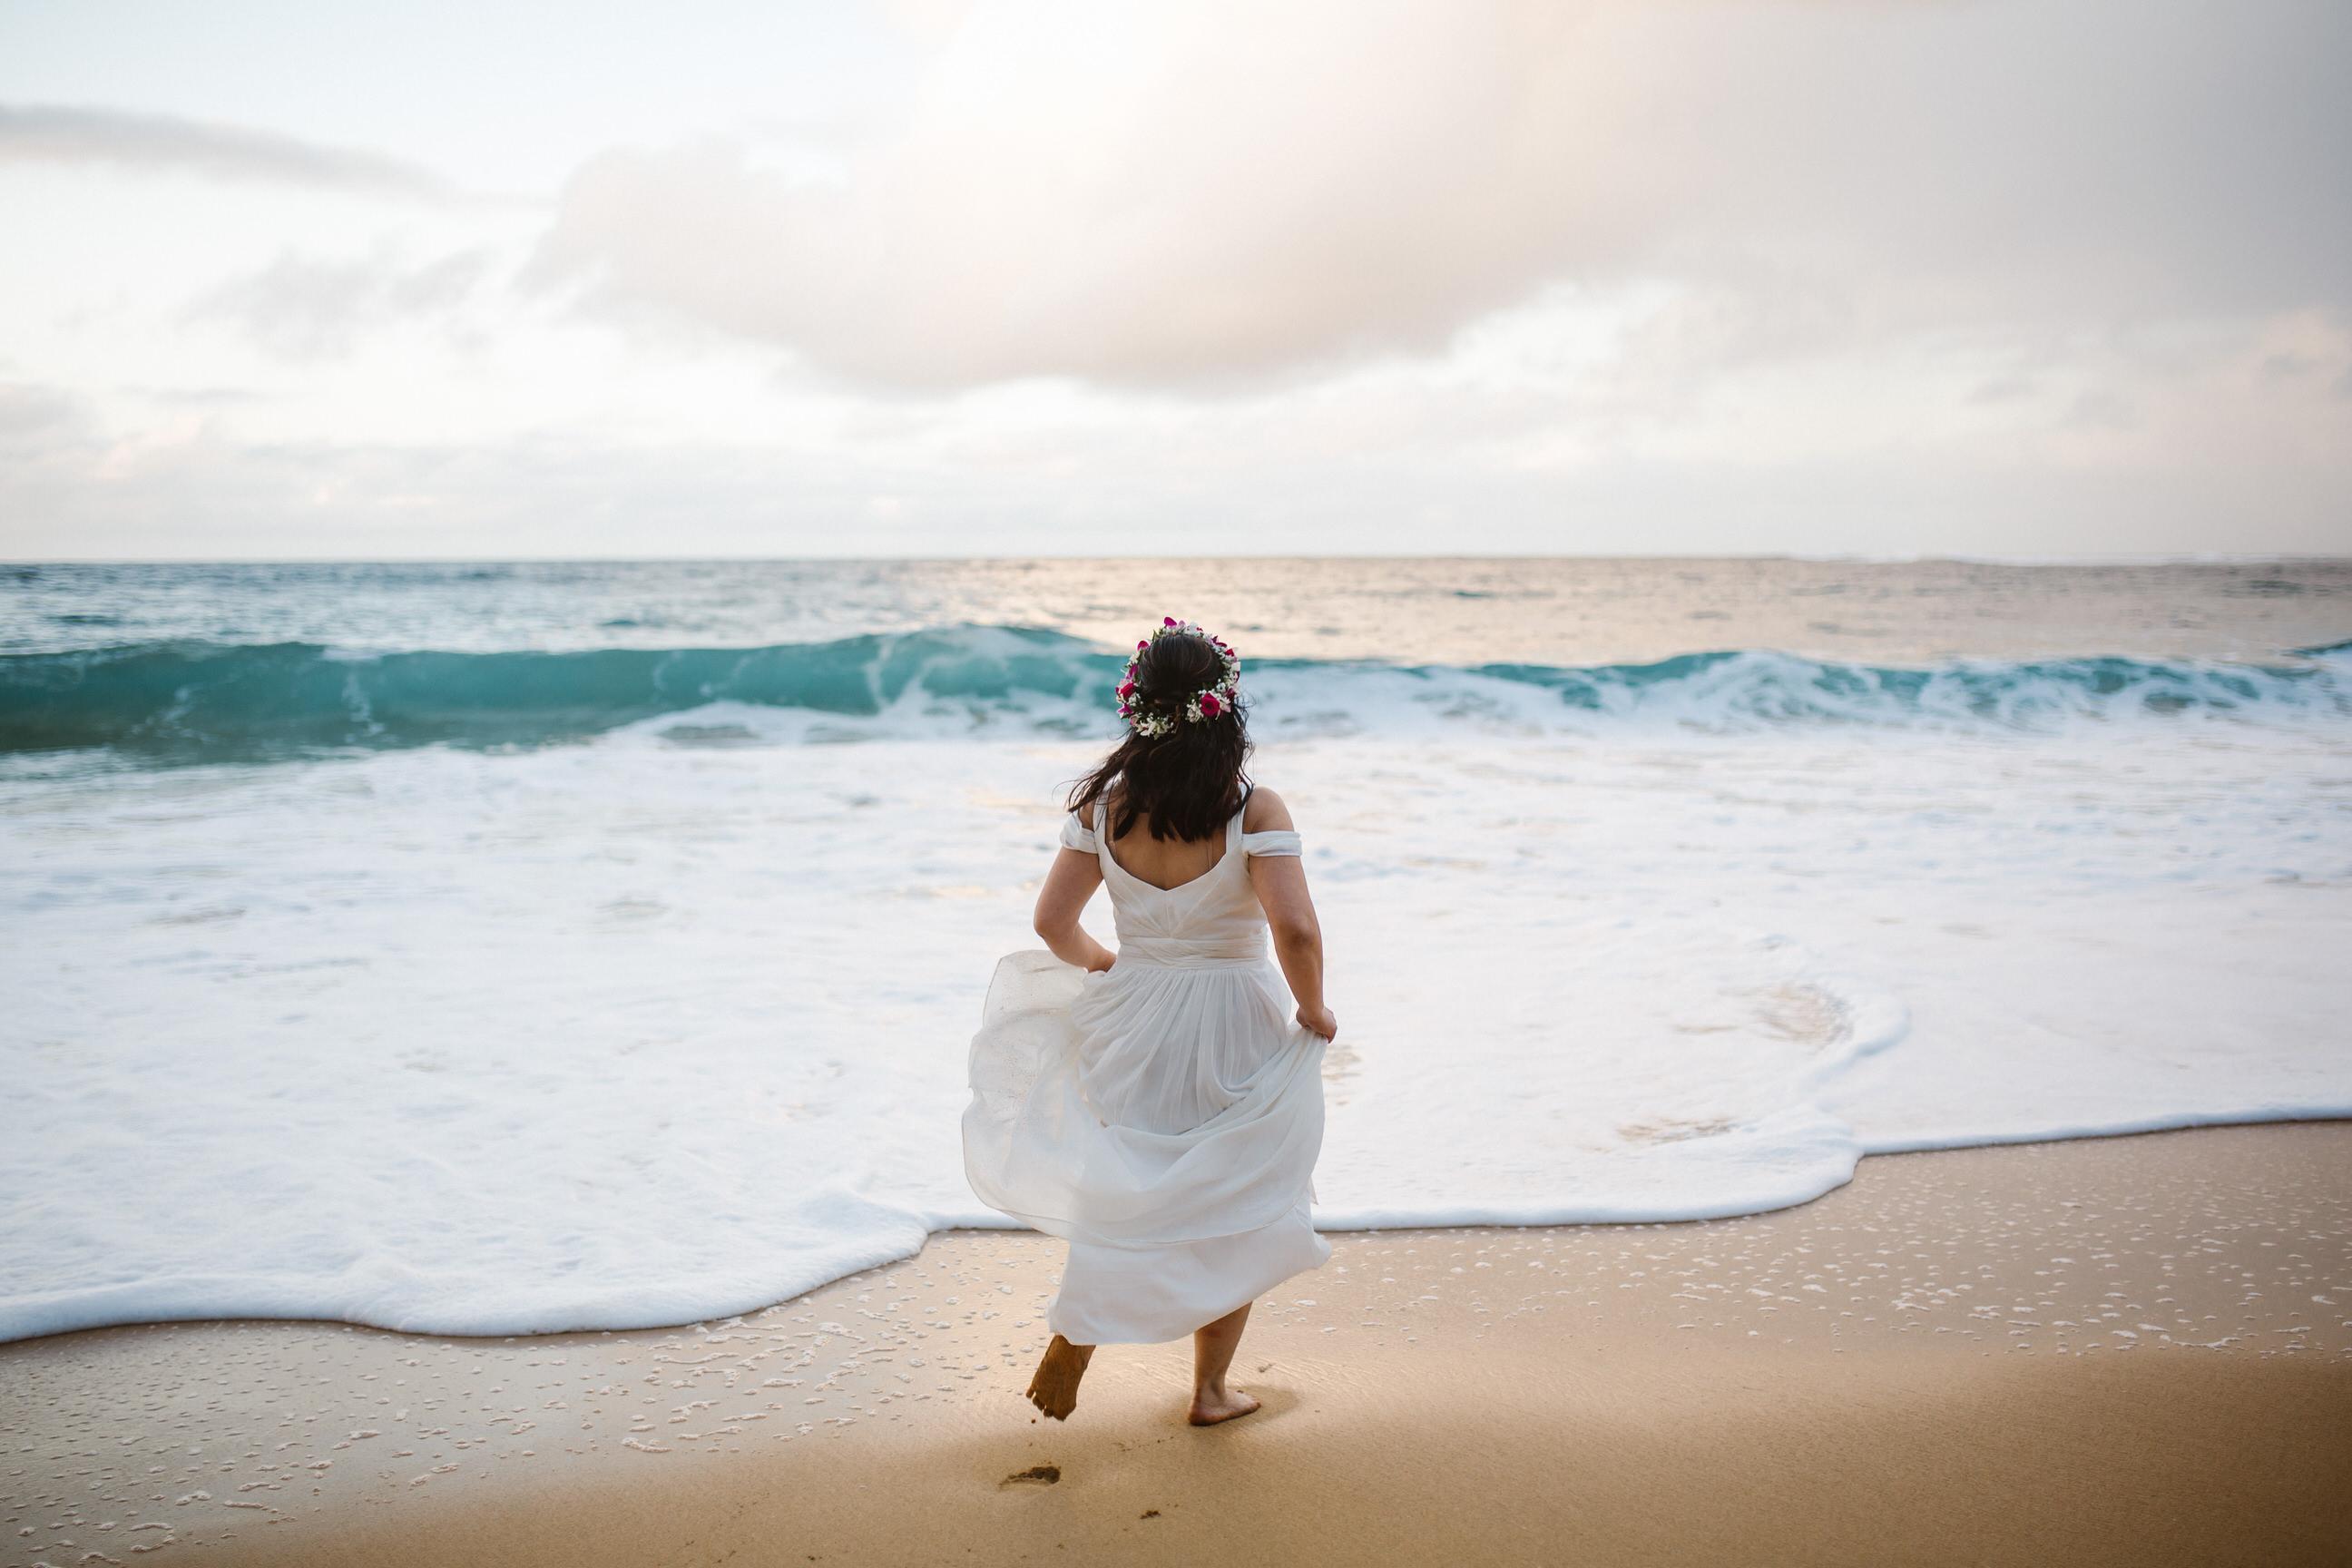 , aloha wedding, hawaii destination wedding, hawaii wedding photography, kauai wedding photographer, kauai wedding photography, hawaii, hawaii weddings, go hawaii, hidden hawaii, hawaii elopement, kauai elopement, Kalihiwai Beach, Kalihiwai waterfall, haena beach, haena beach wedding, kauaiwedding, kauai wedding,